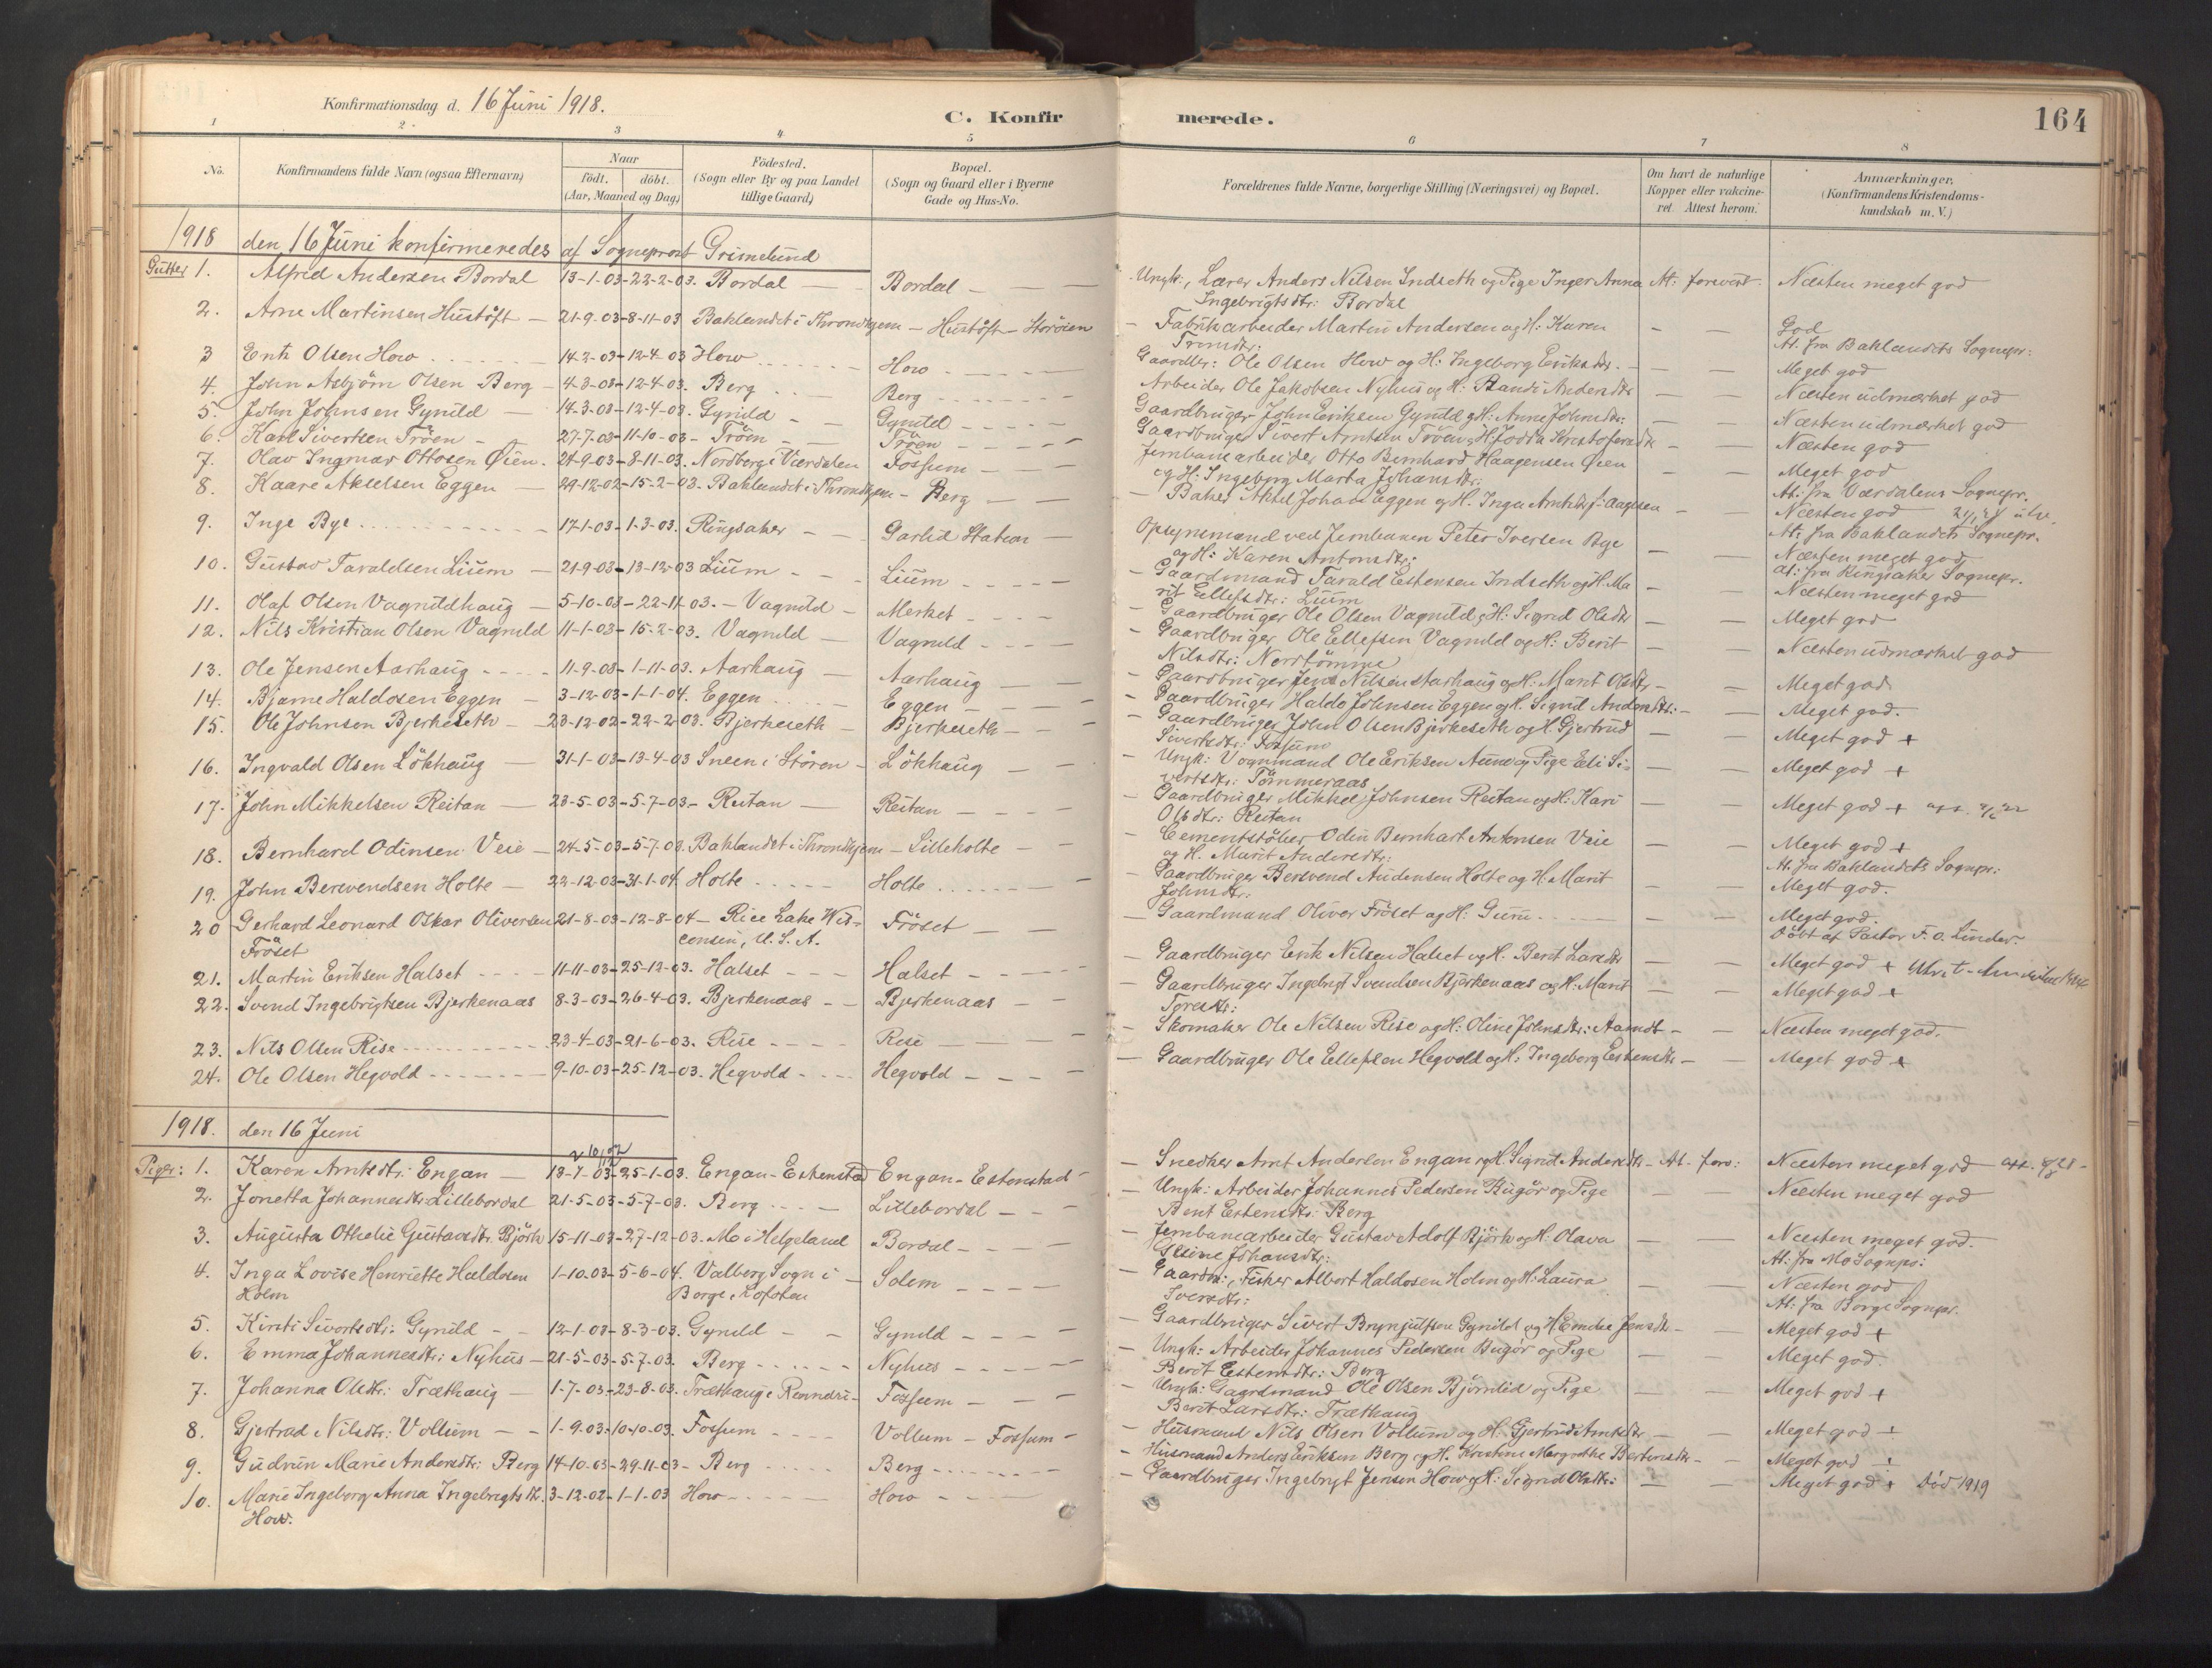 SAT, Ministerialprotokoller, klokkerbøker og fødselsregistre - Sør-Trøndelag, 689/L1041: Ministerialbok nr. 689A06, 1891-1923, s. 164